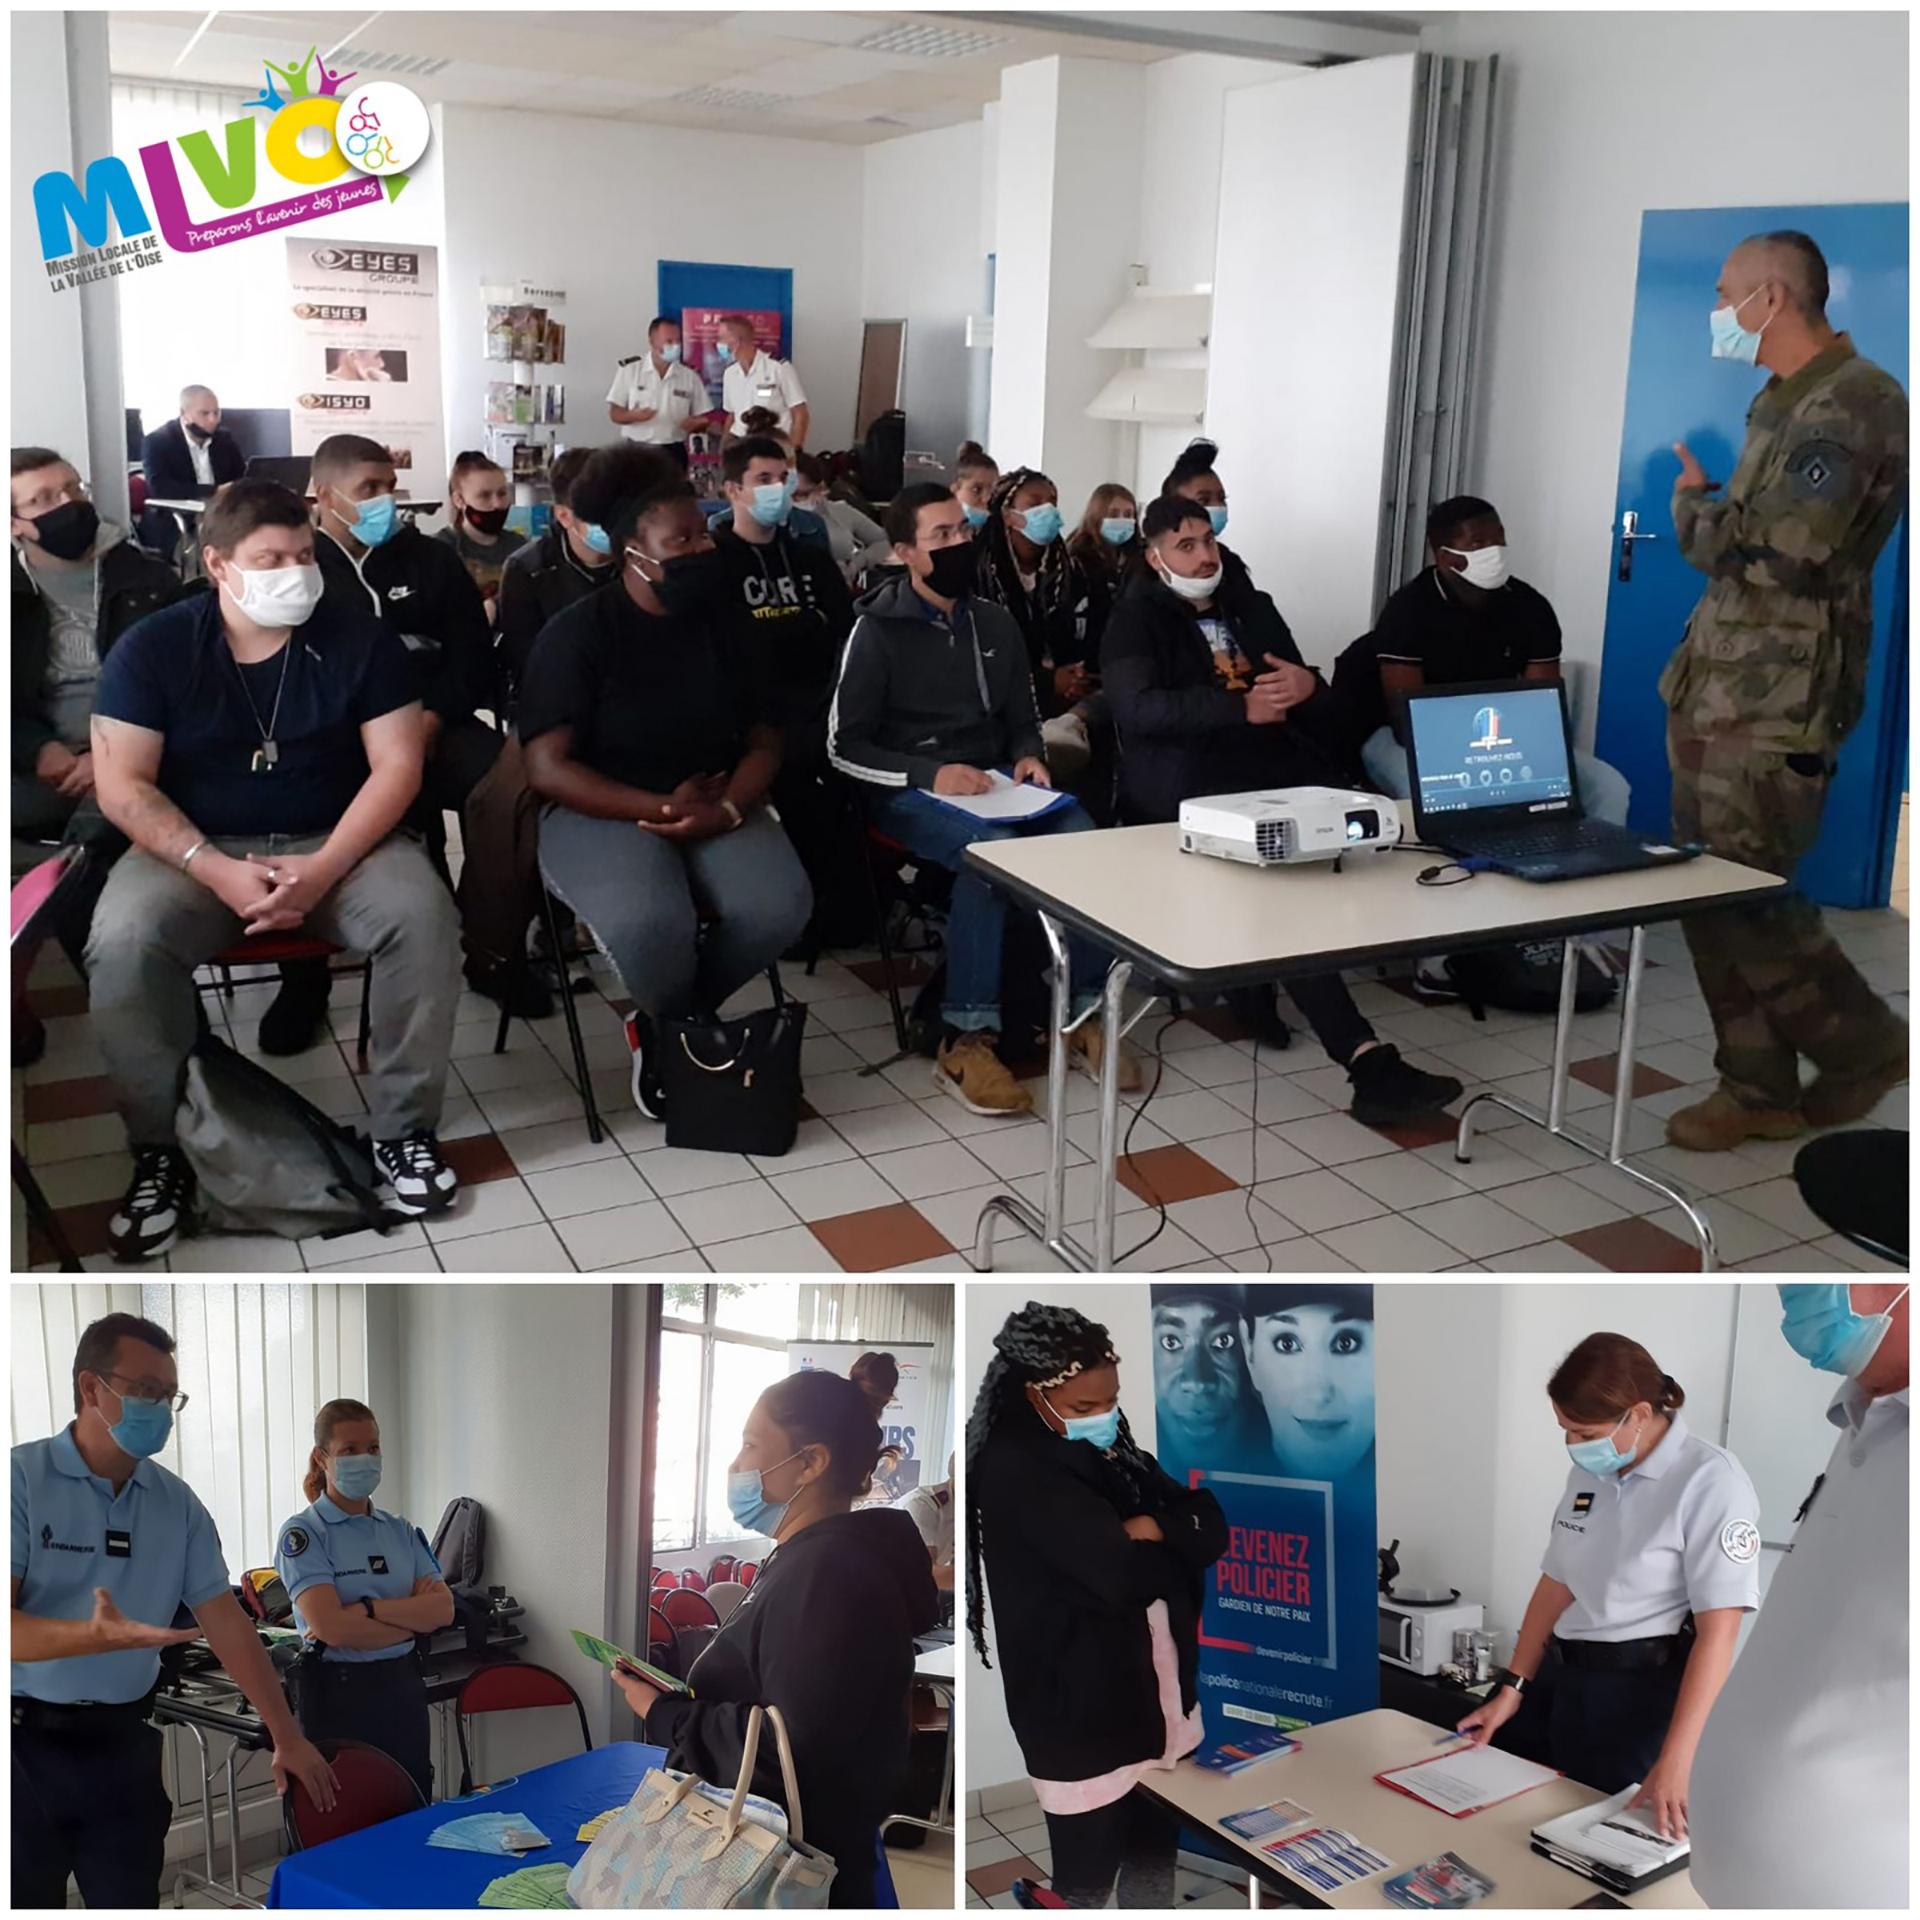 Des photos de la rencontre des jeunes et des membres de l'armée